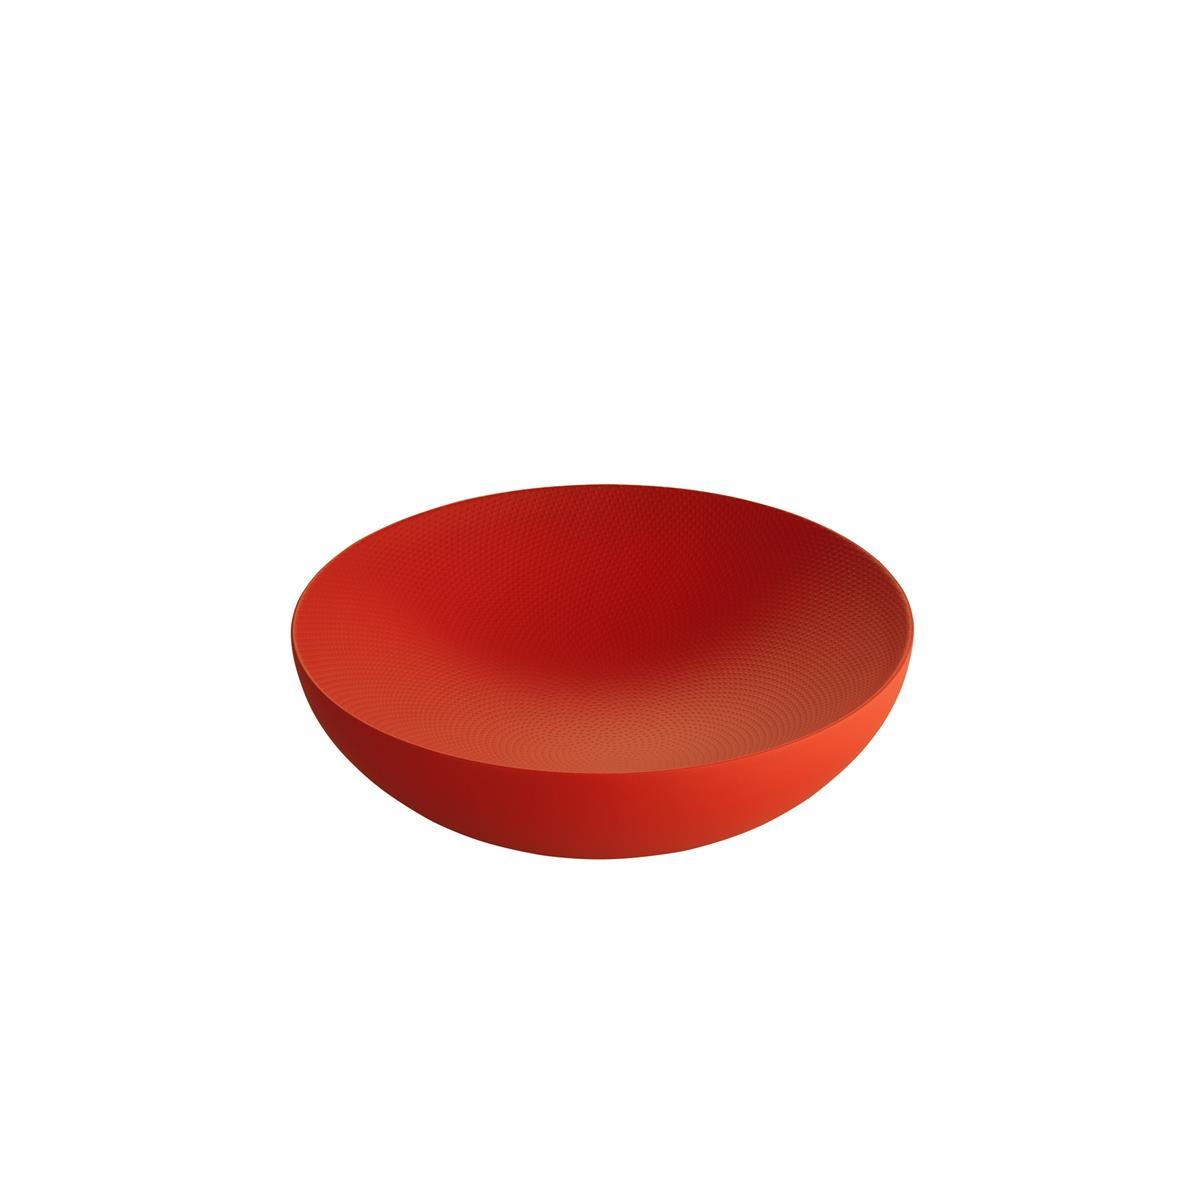 Alessi-Double Doppelwandige Schale aus farbigem Stahl und Harz, rot mit Reliefdekor